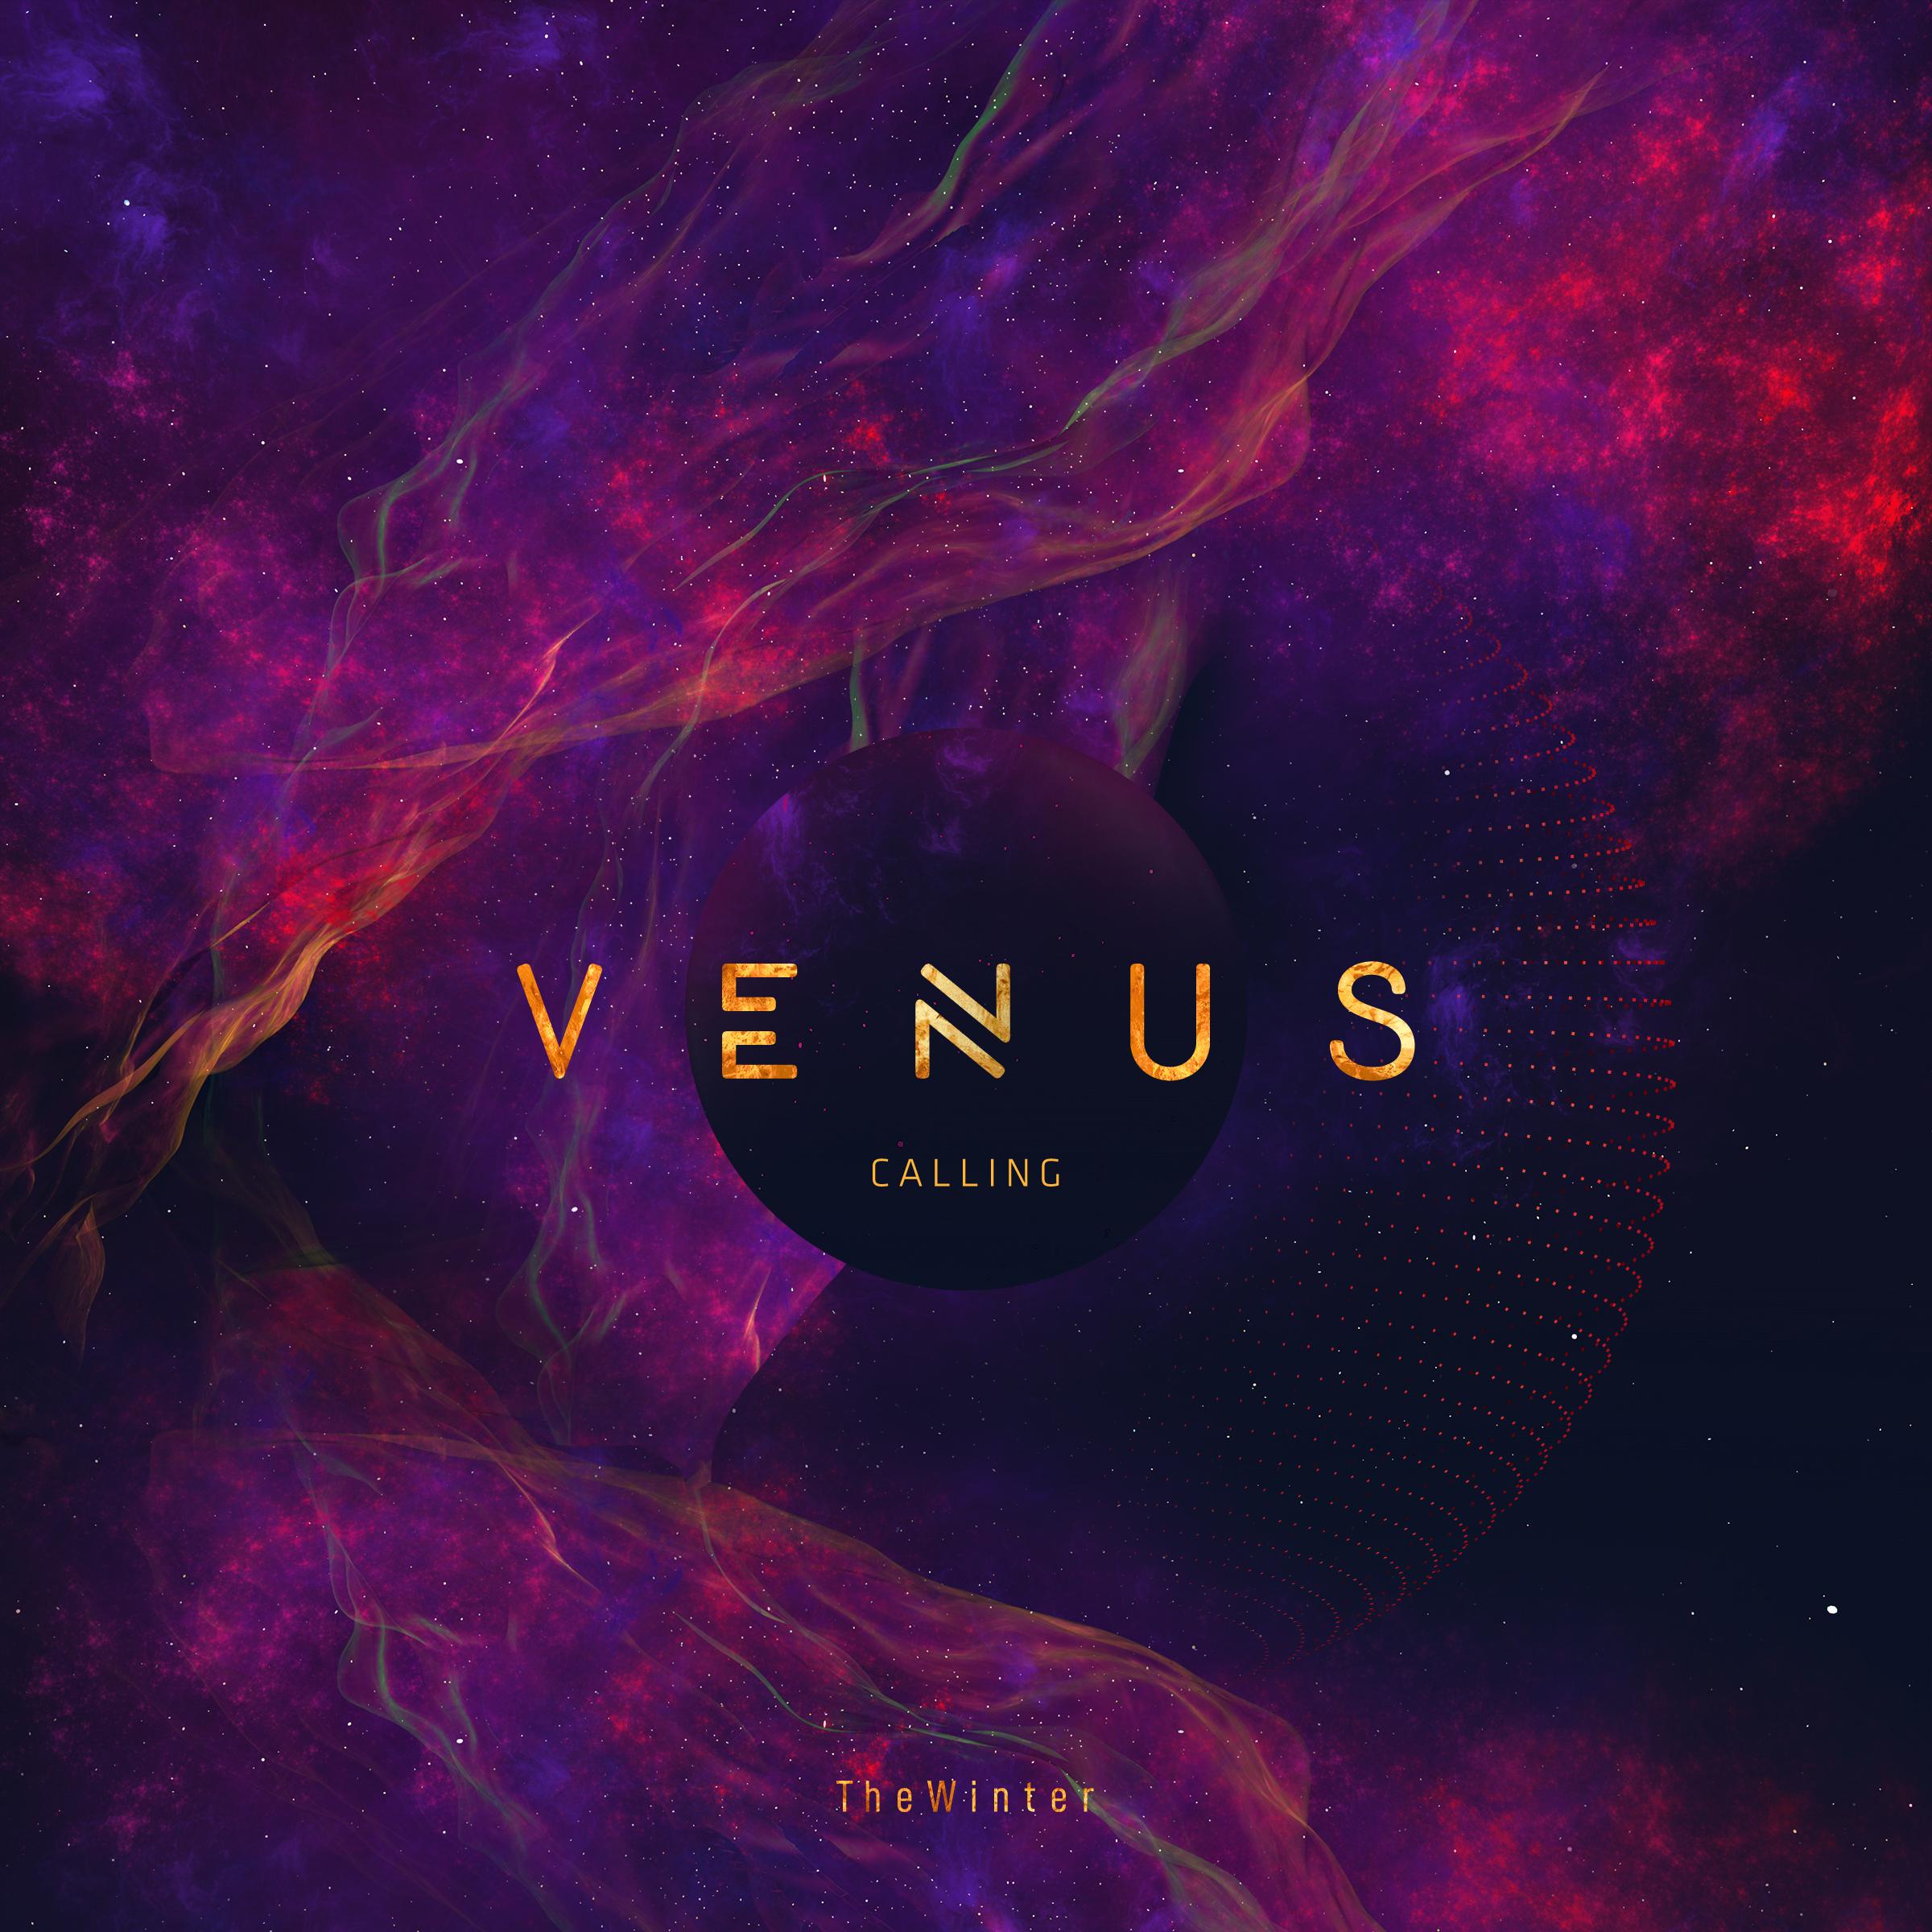 venus_calling